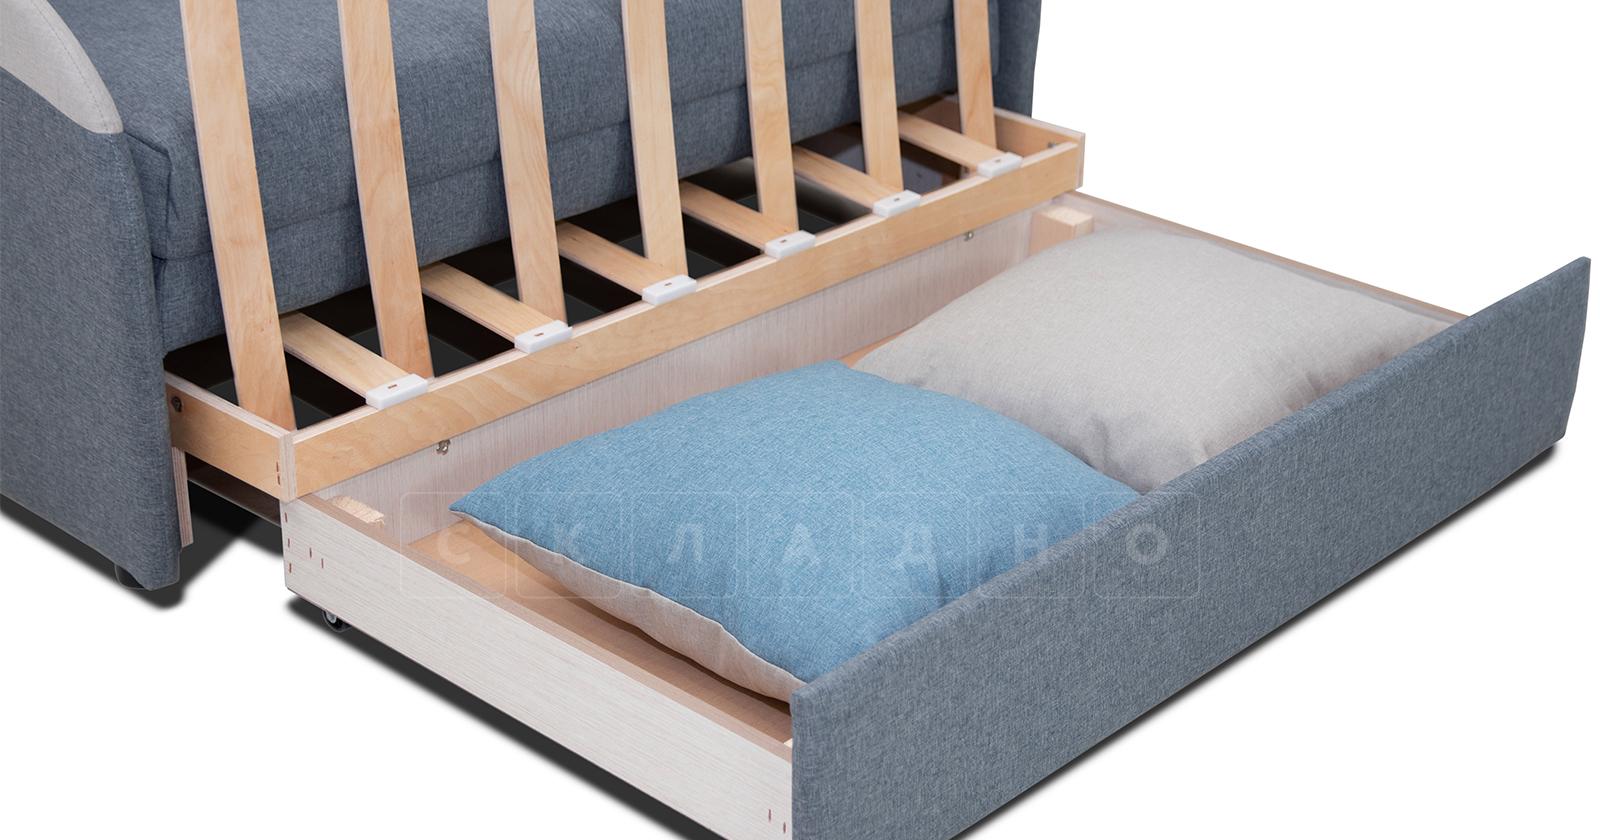 Диван-кровать с узкими подлокотниками Громит 120 серый ТД 133 фото 3 | интернет-магазин Складно